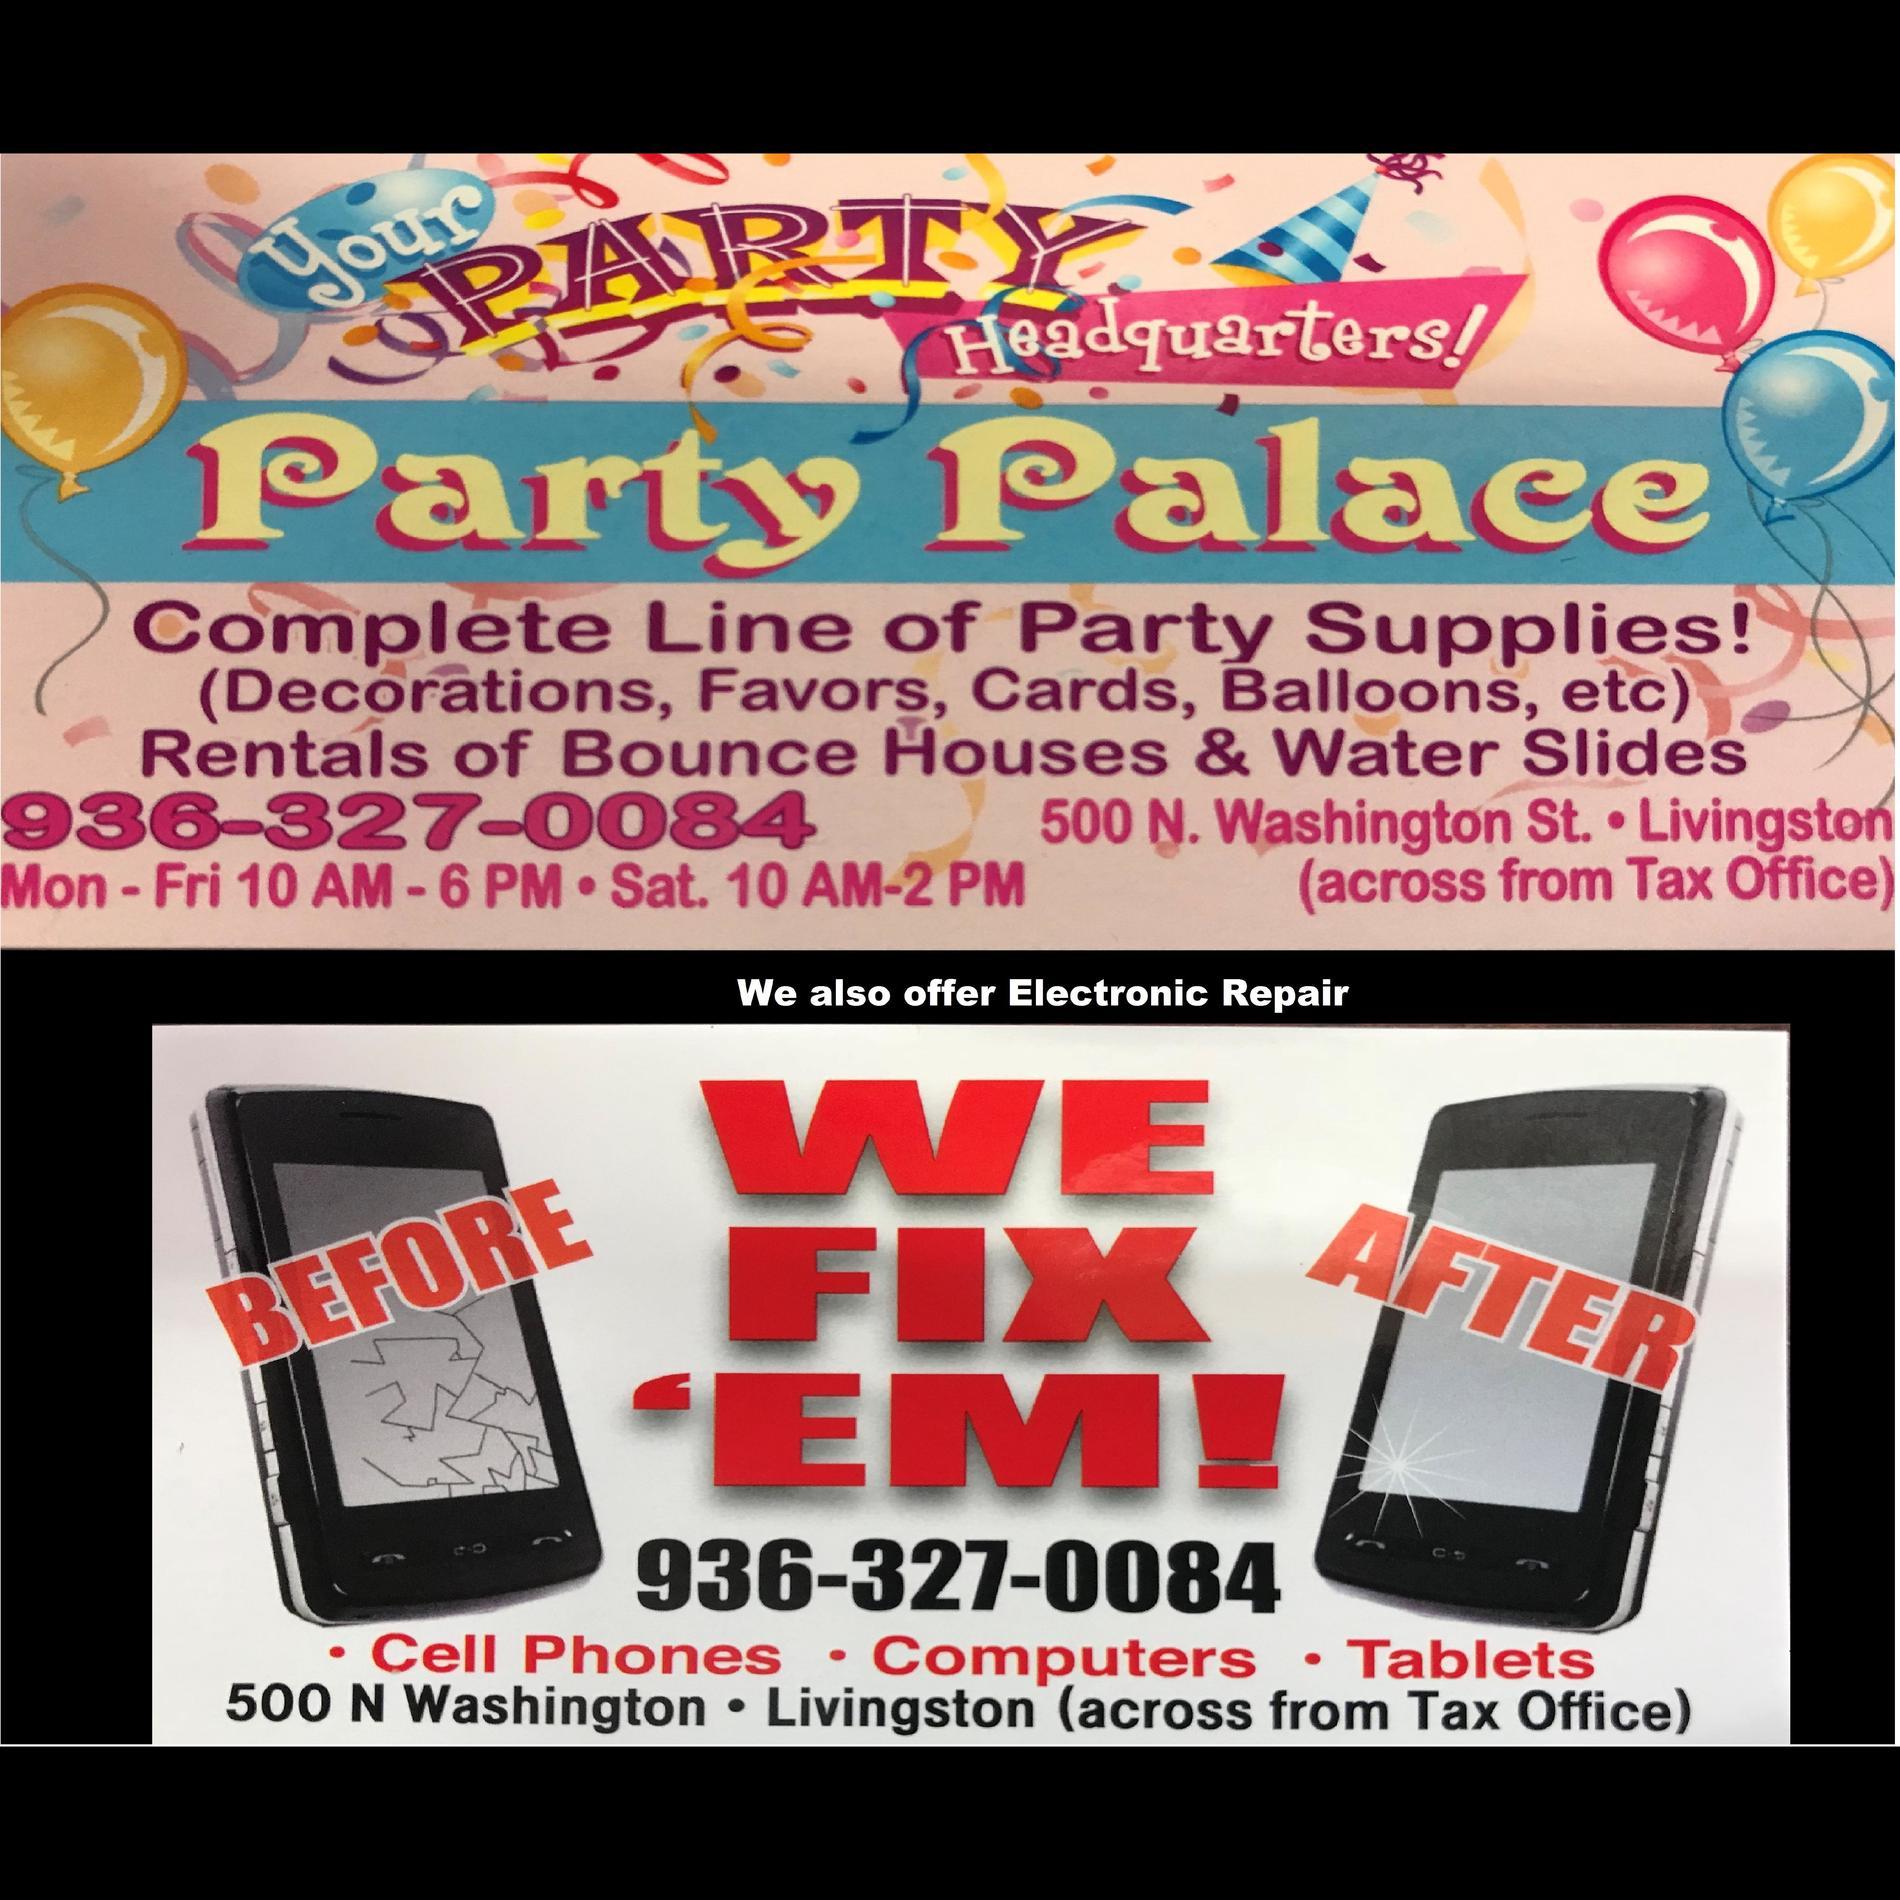 Party Palace LLC image 16